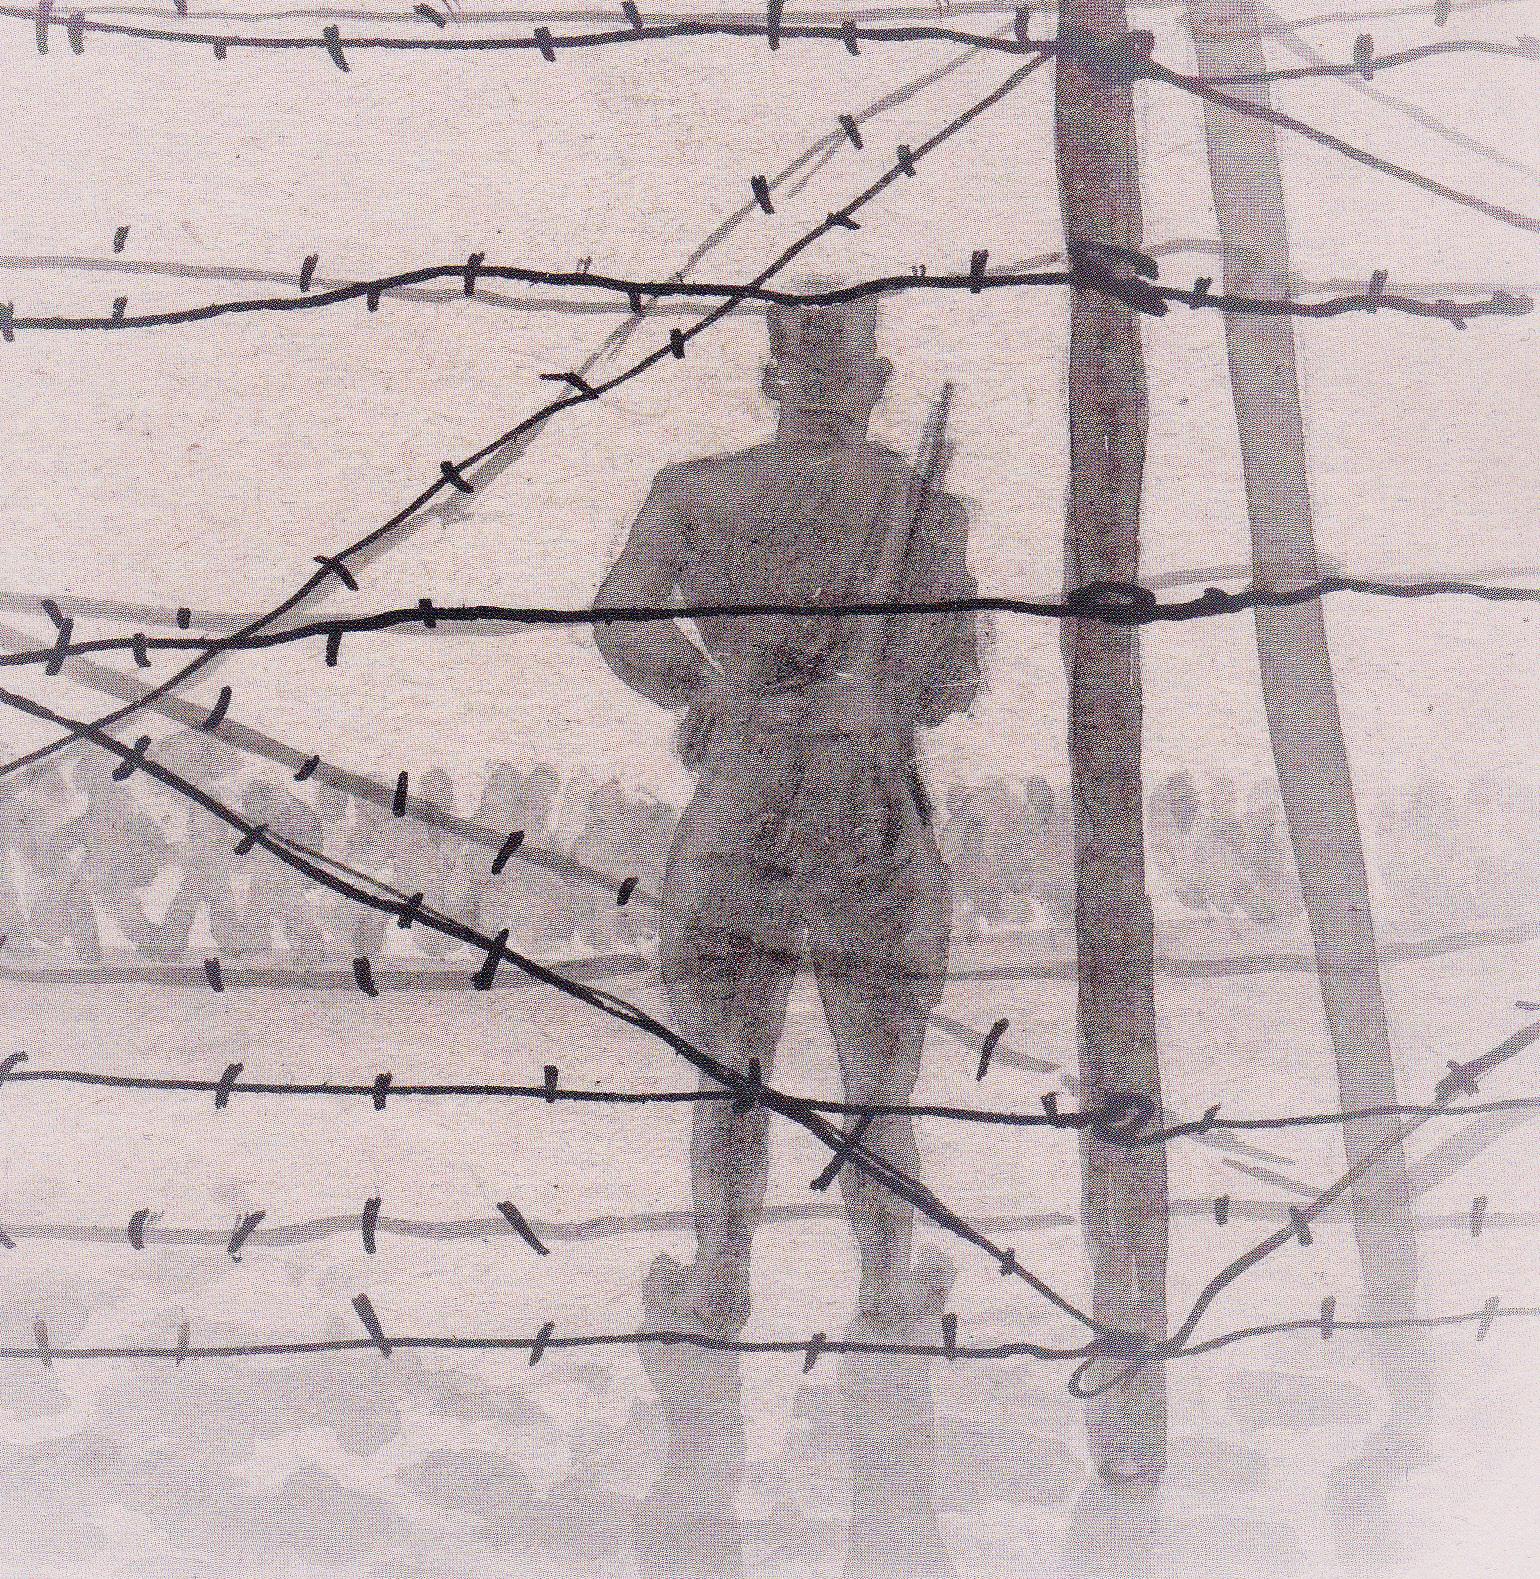 Les Basses-Pyrénées pendant la Seconde Guerre Mondiale. Bilan et perspectives de recherche.